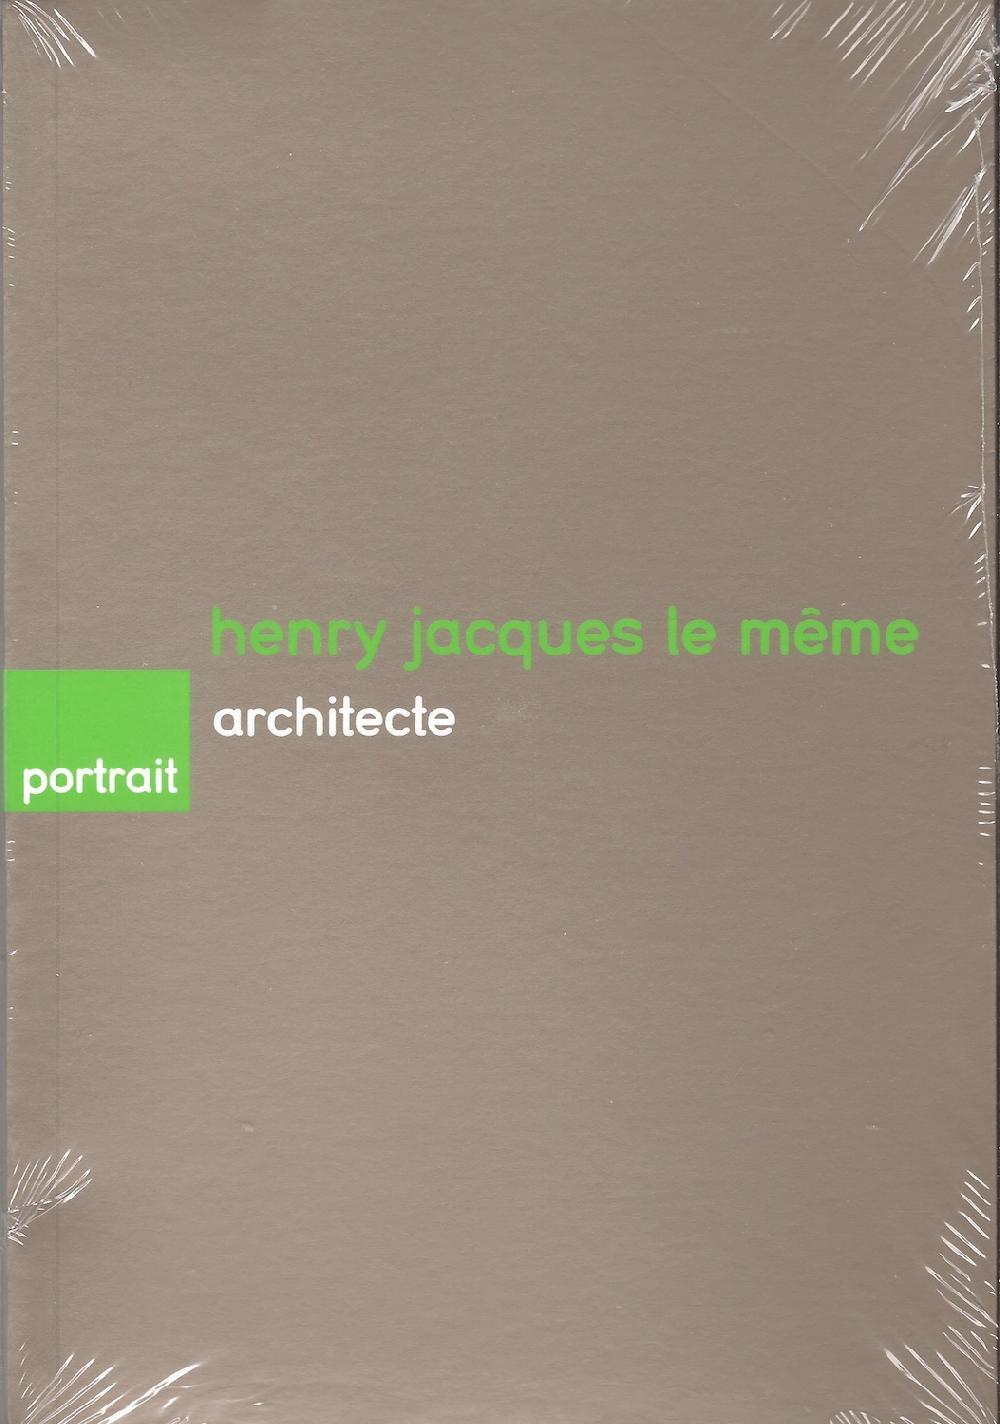 Henry Jacques le même architecte